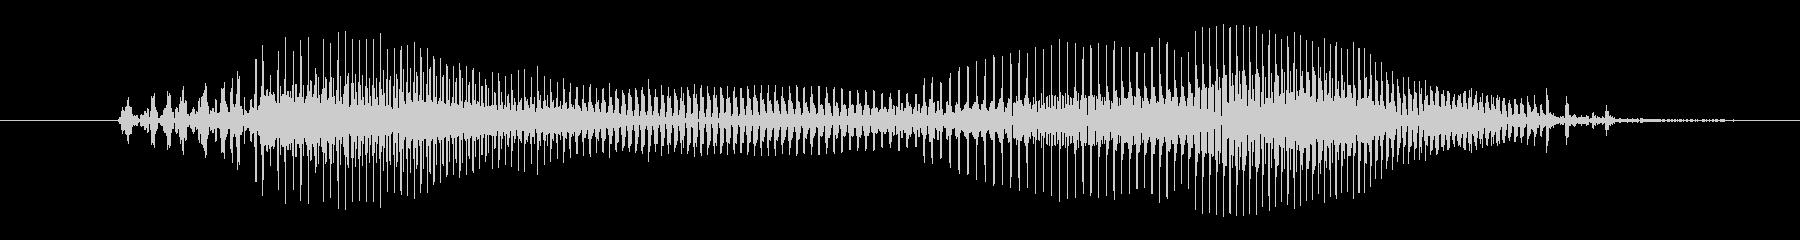 ないない(冷静)の未再生の波形